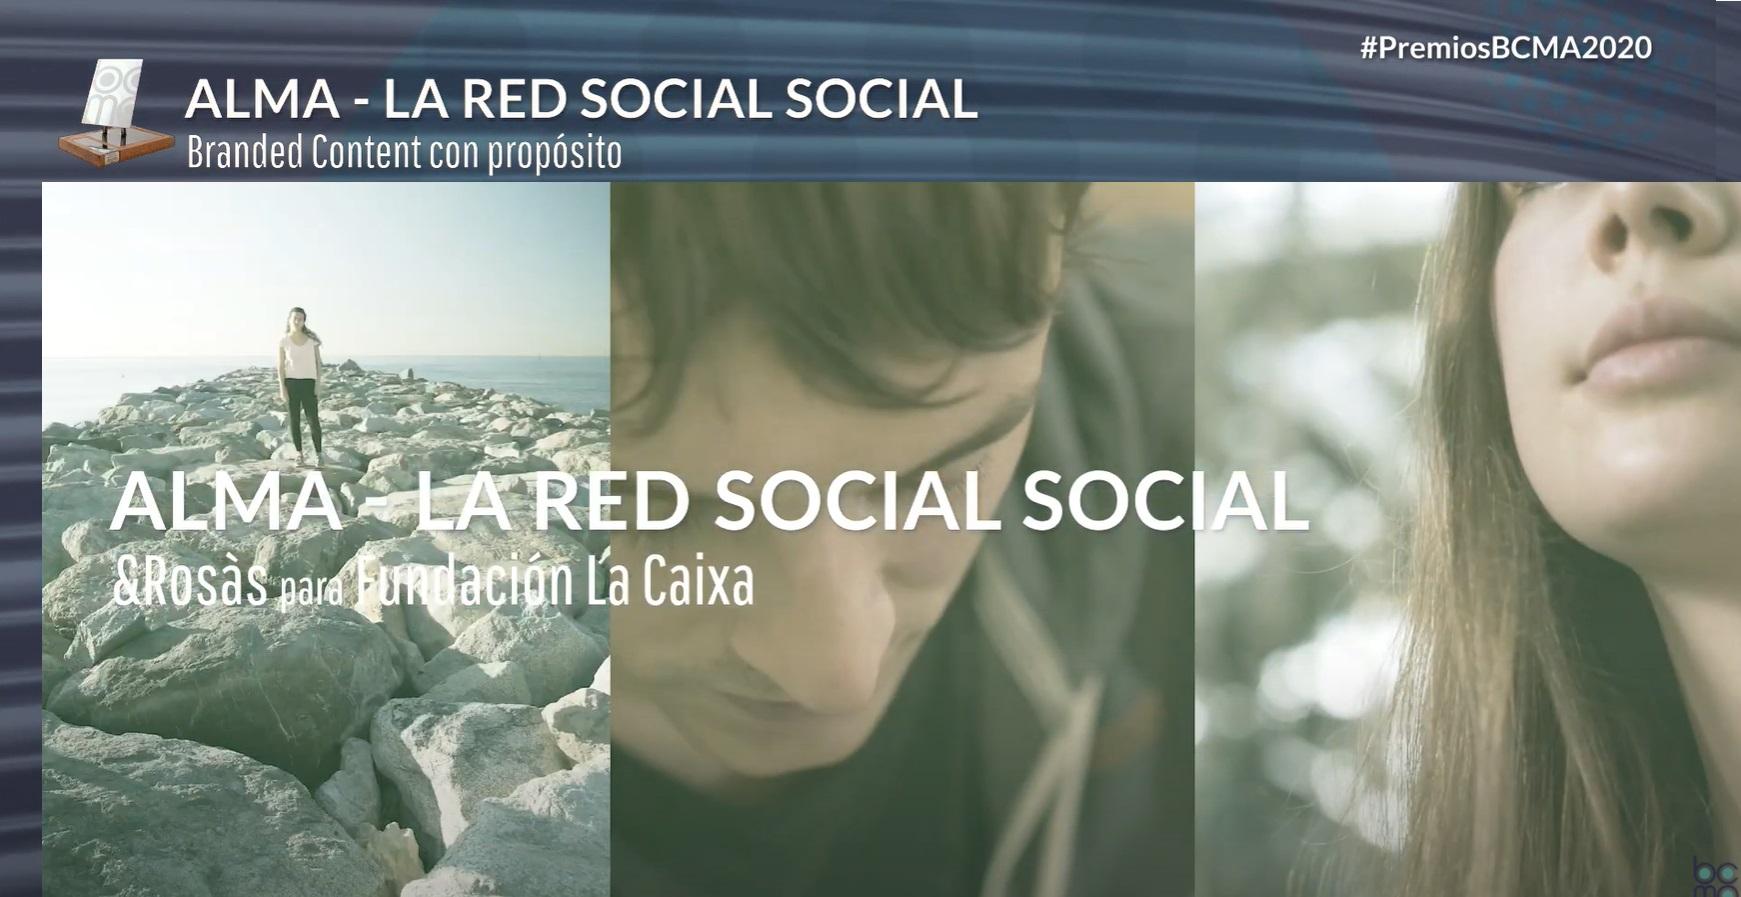 https://www.programapublicidad.com/wp-content/uploads/2020/11/alma-red-social-proposito-bahima-lacaixa-rey-¬rosaspremios-bcma-mejor-branded-content-programapublicidad-1.jpg